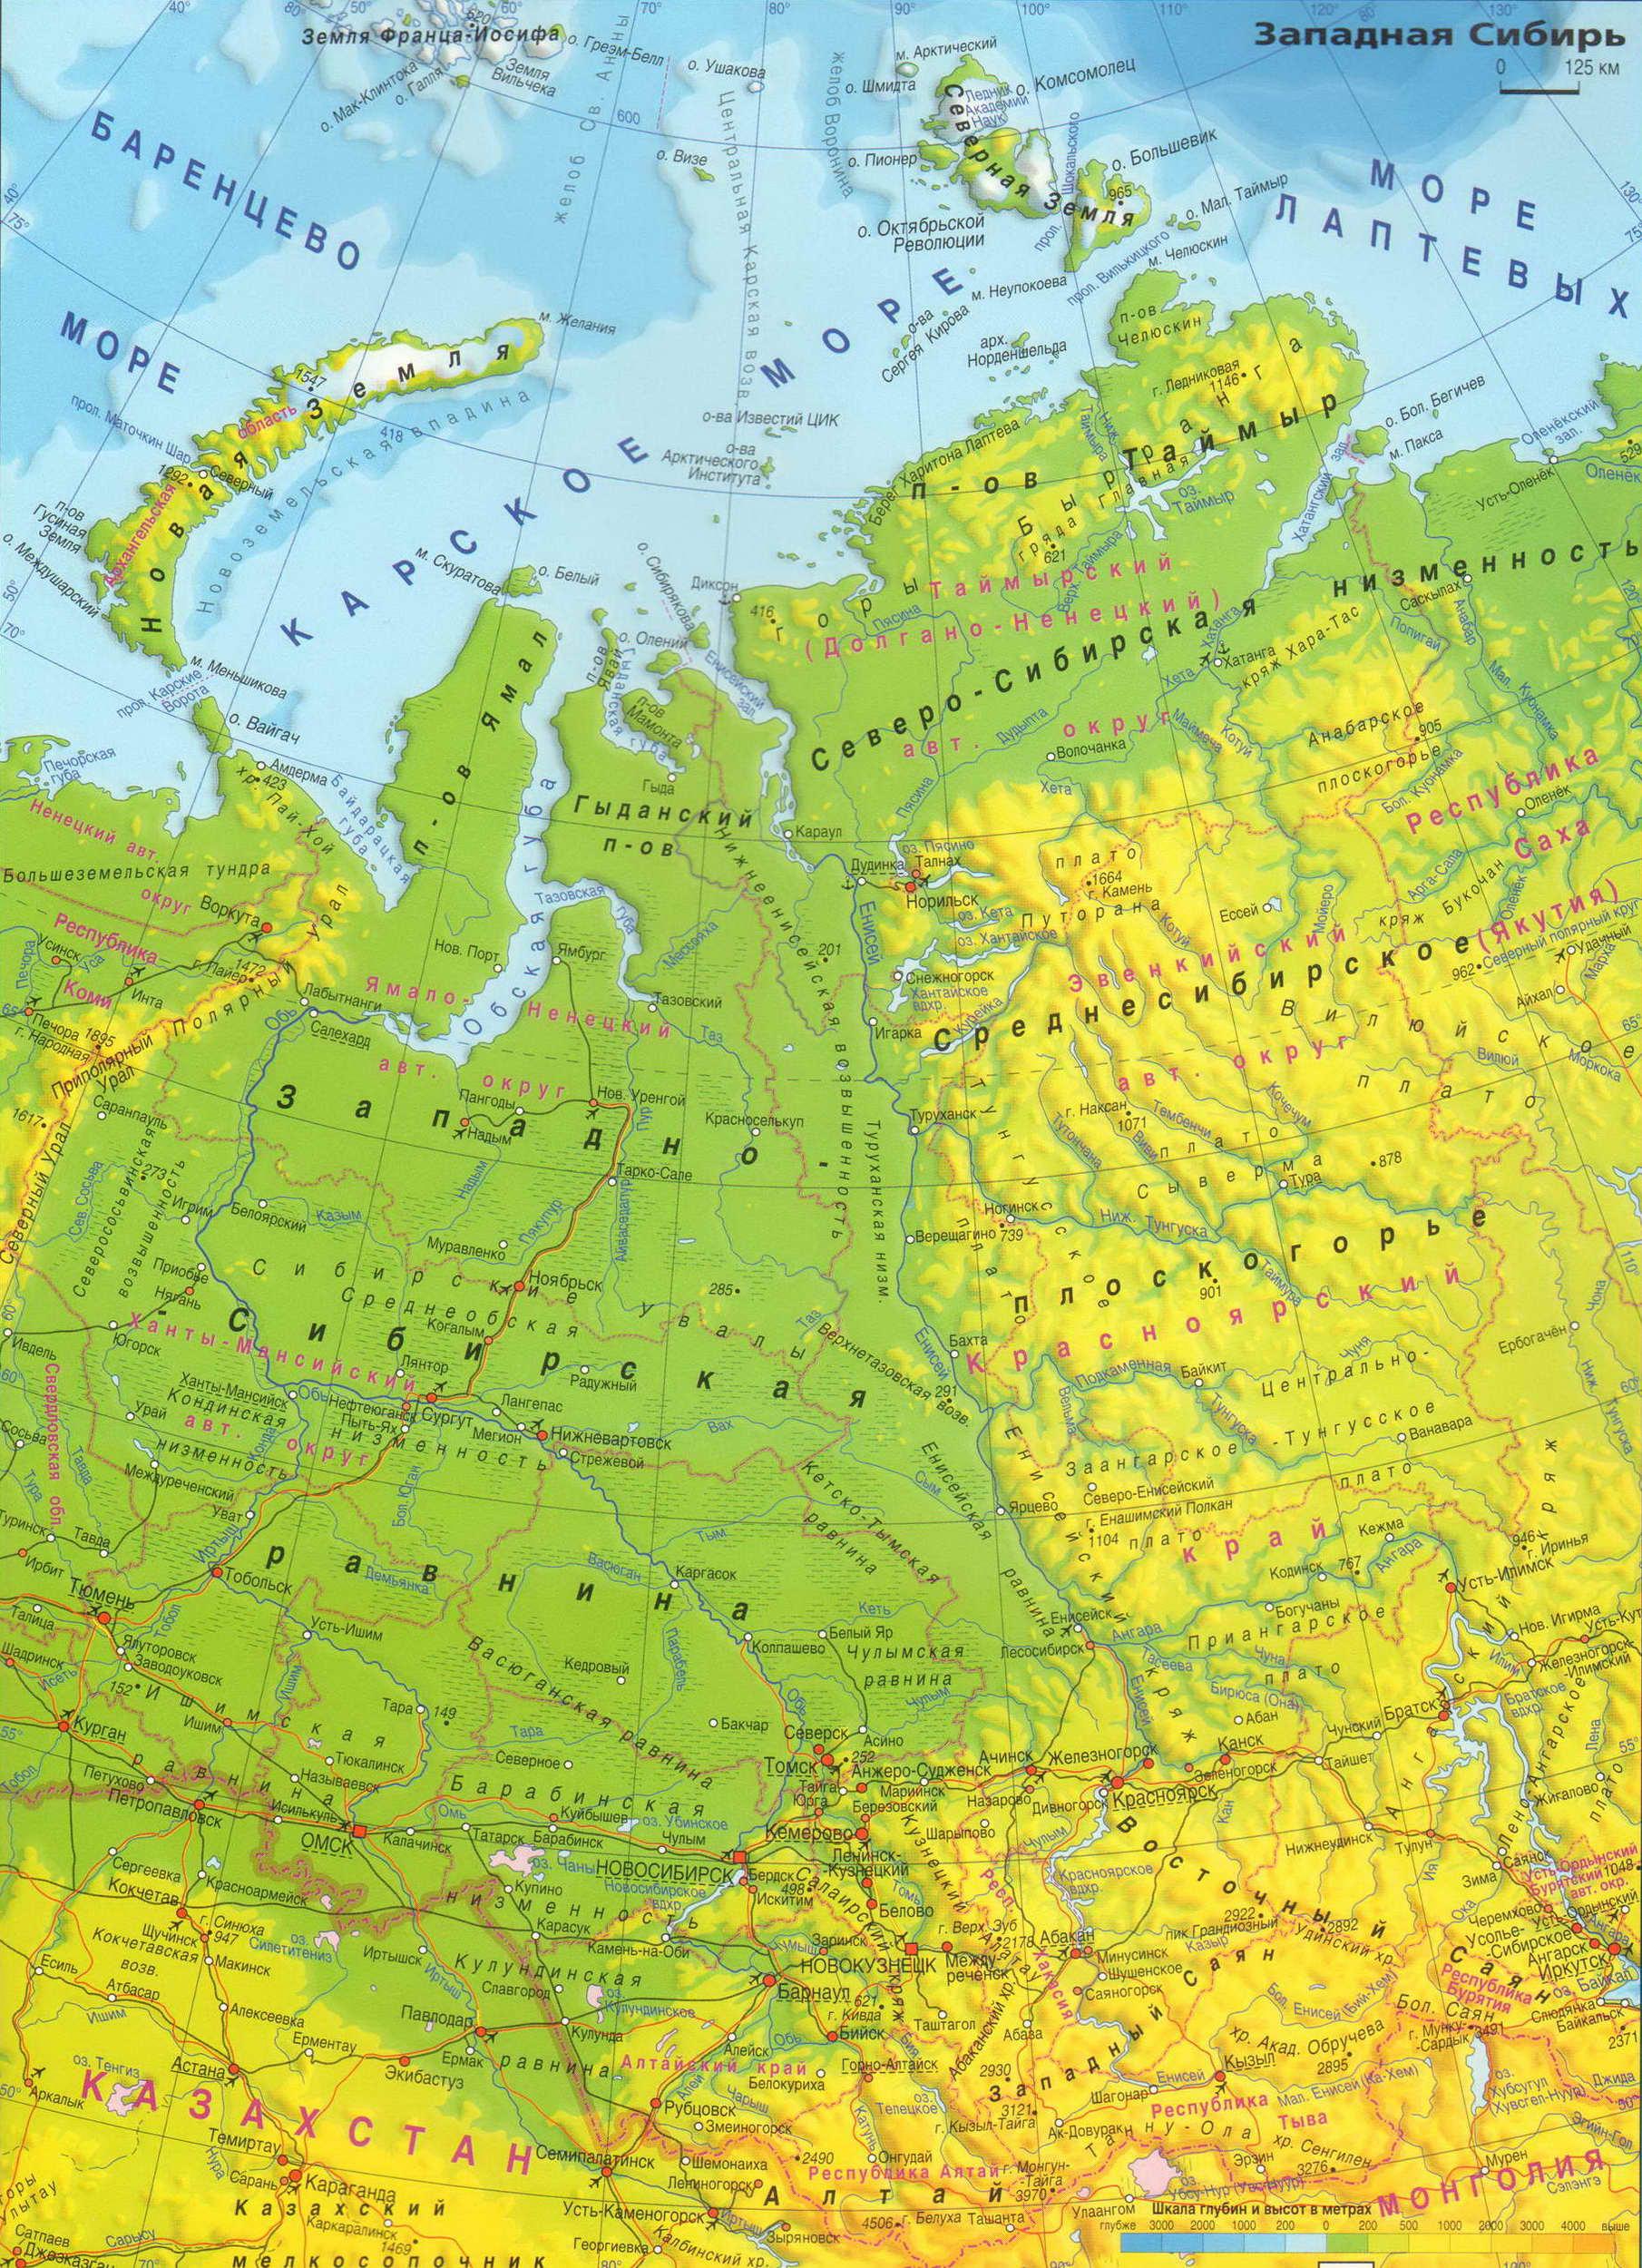 Подробная Карта Западной Сибири